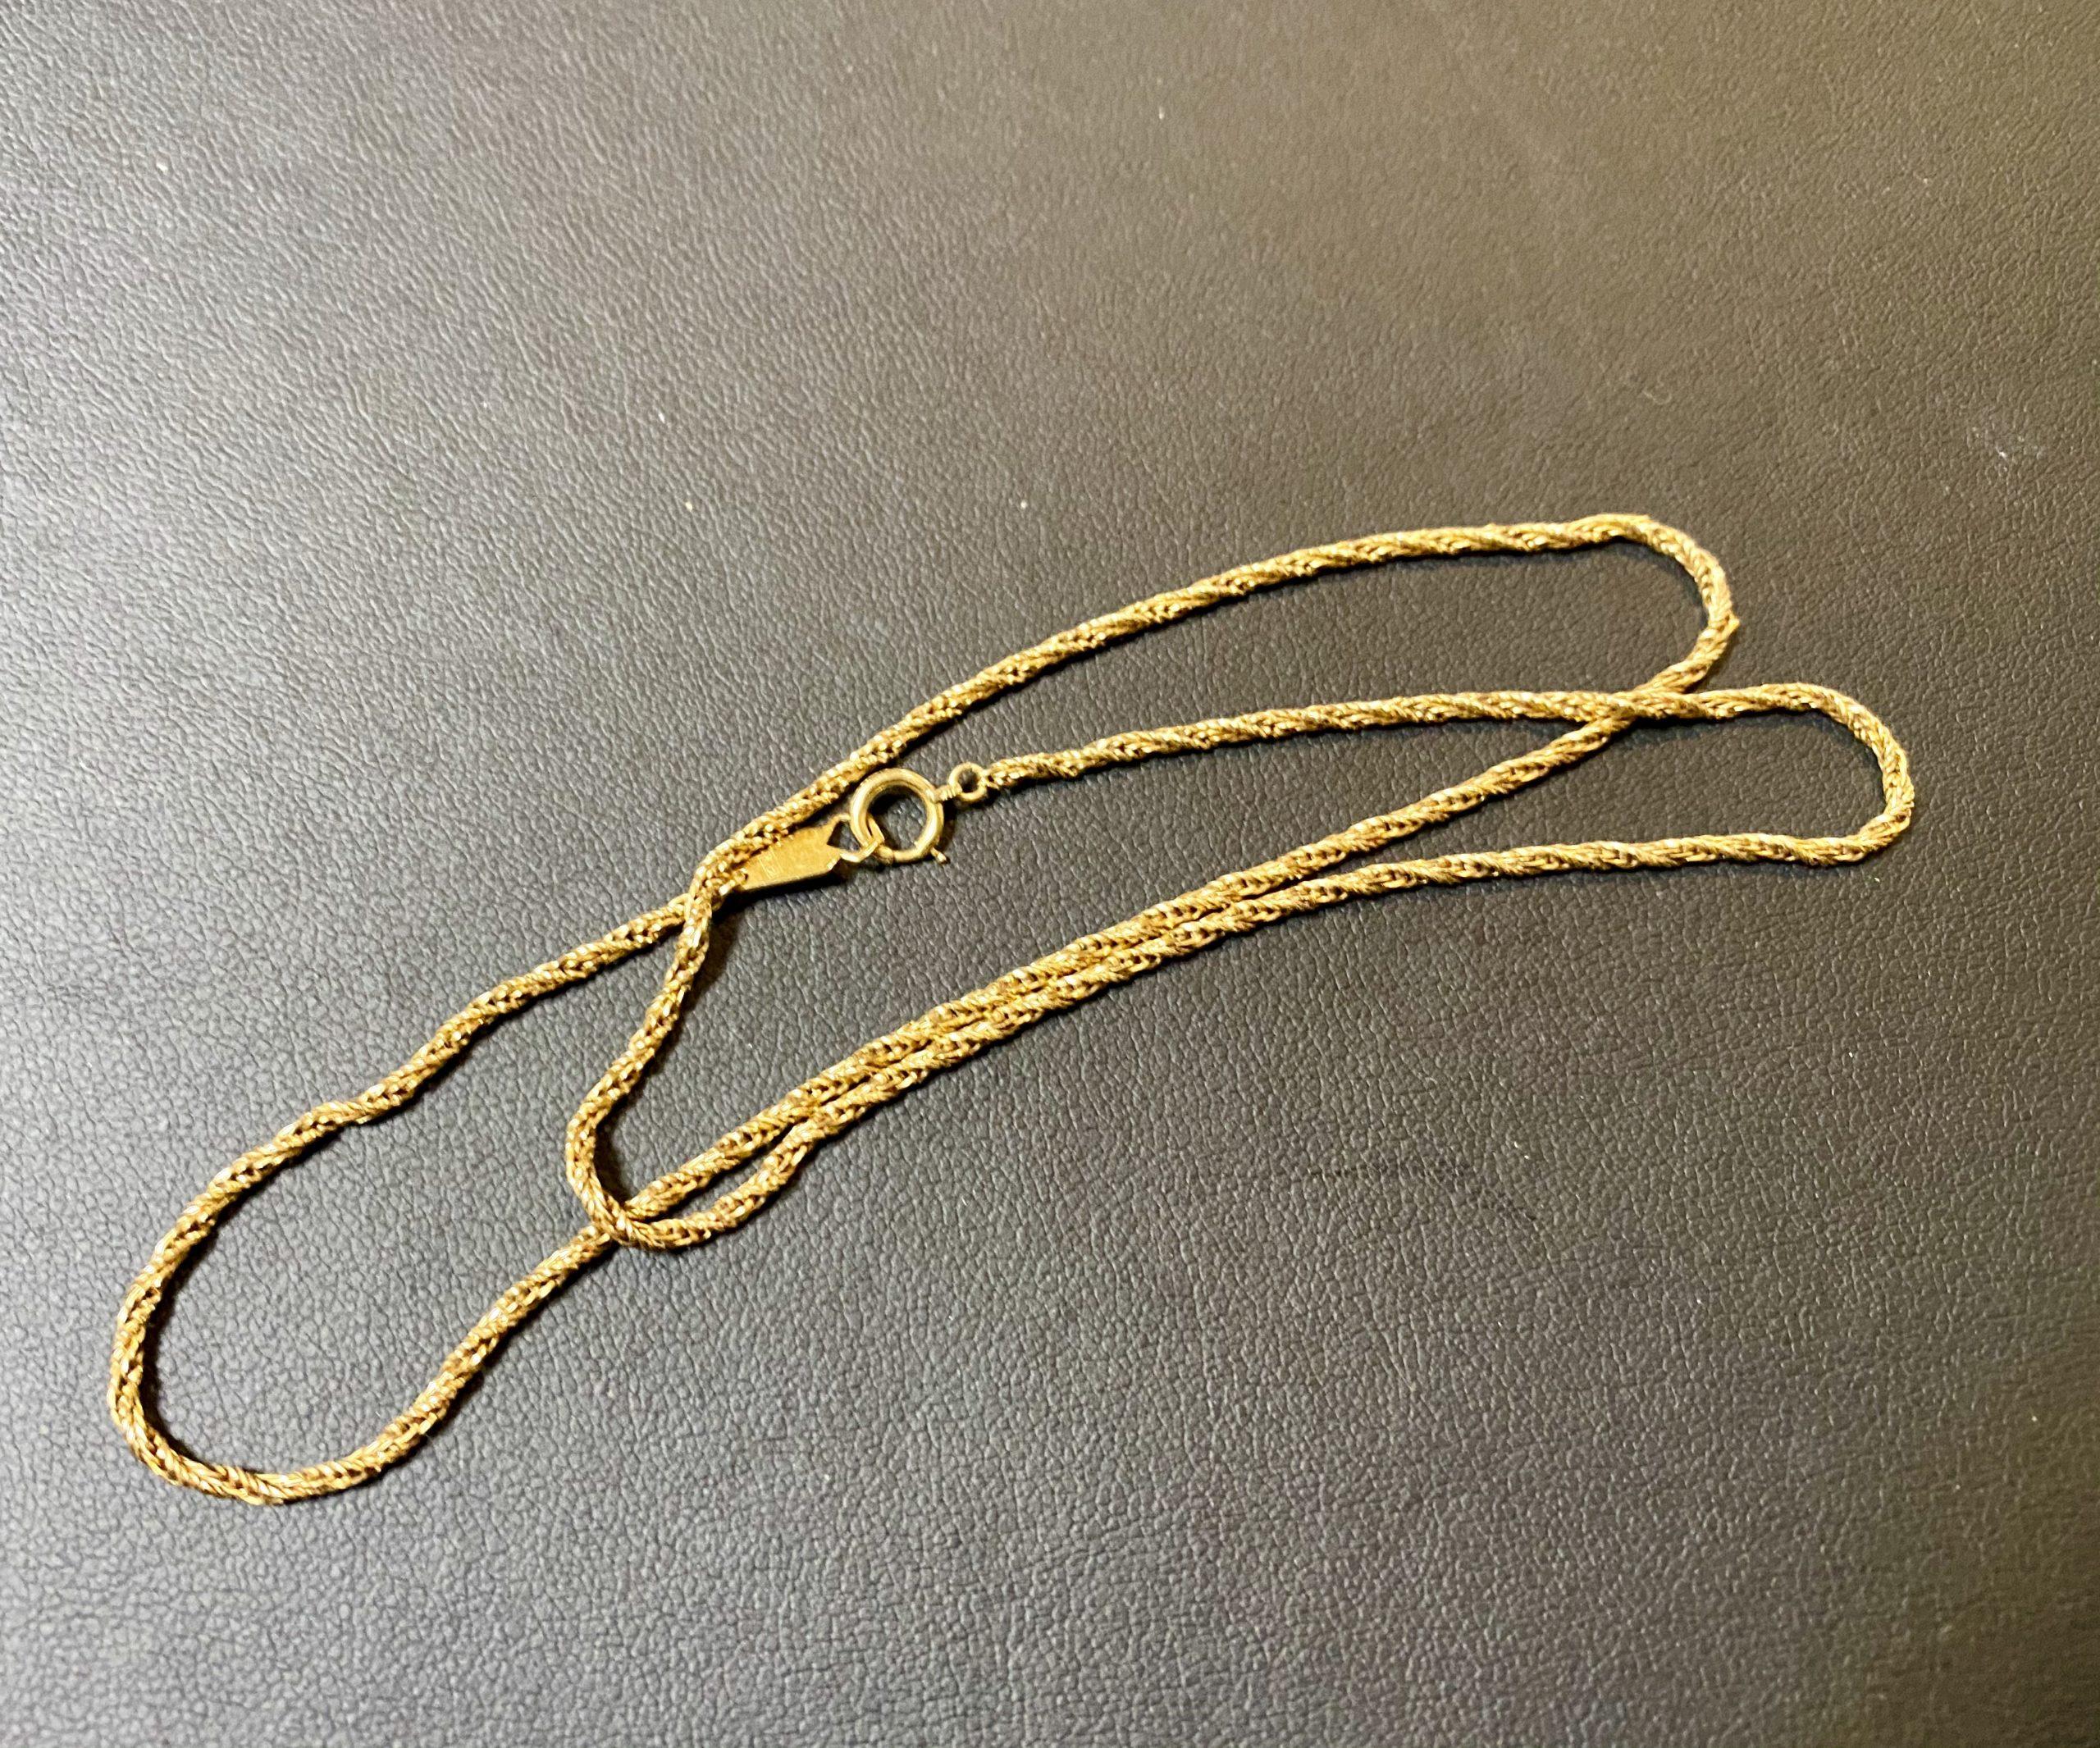 金(K18,18金)ネックレスを秋津駅周辺にお住まいのお客様からお買取!価格の相場は?